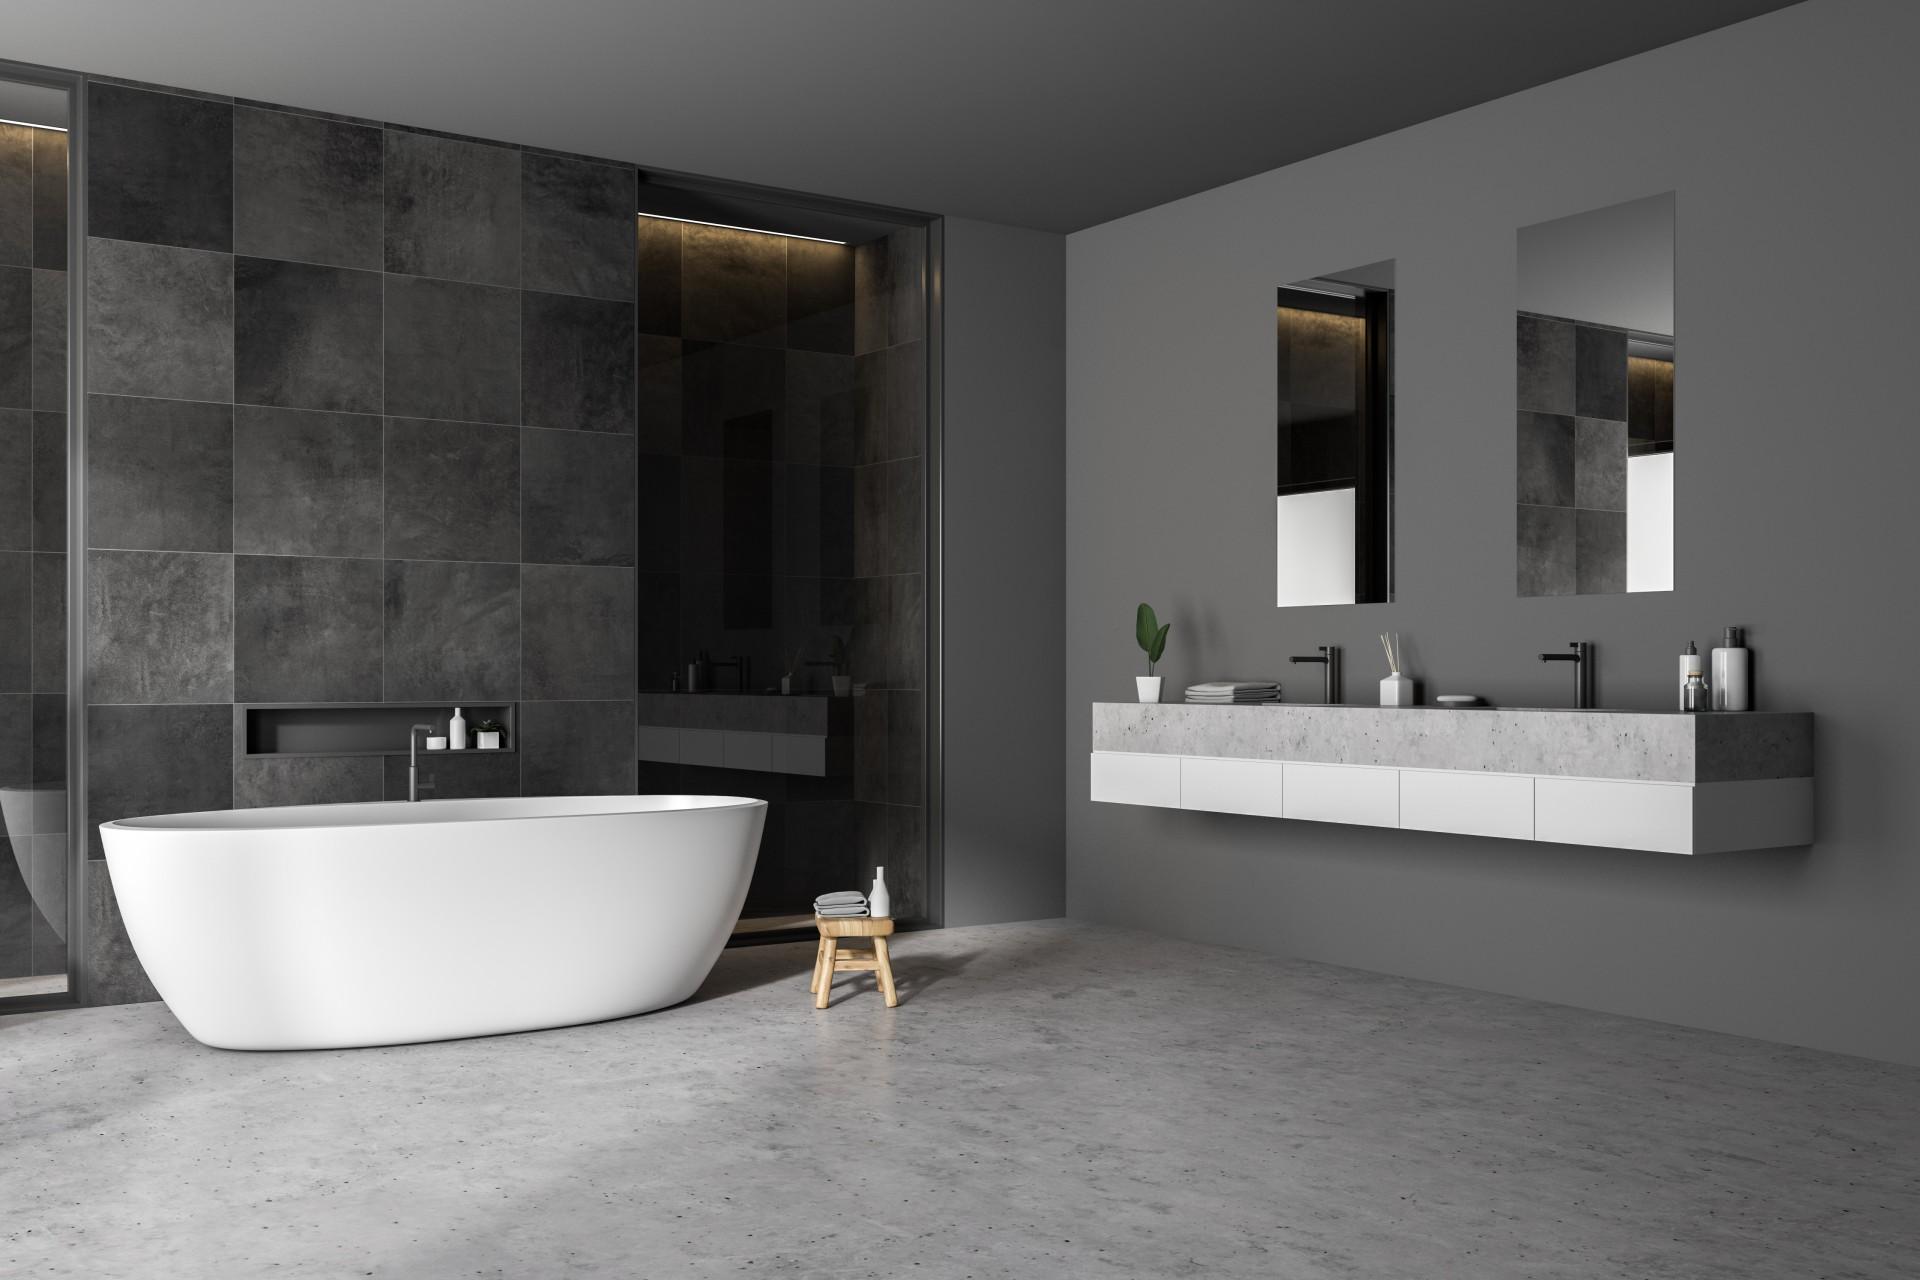 kylpyhuoneen lattia epoksilla